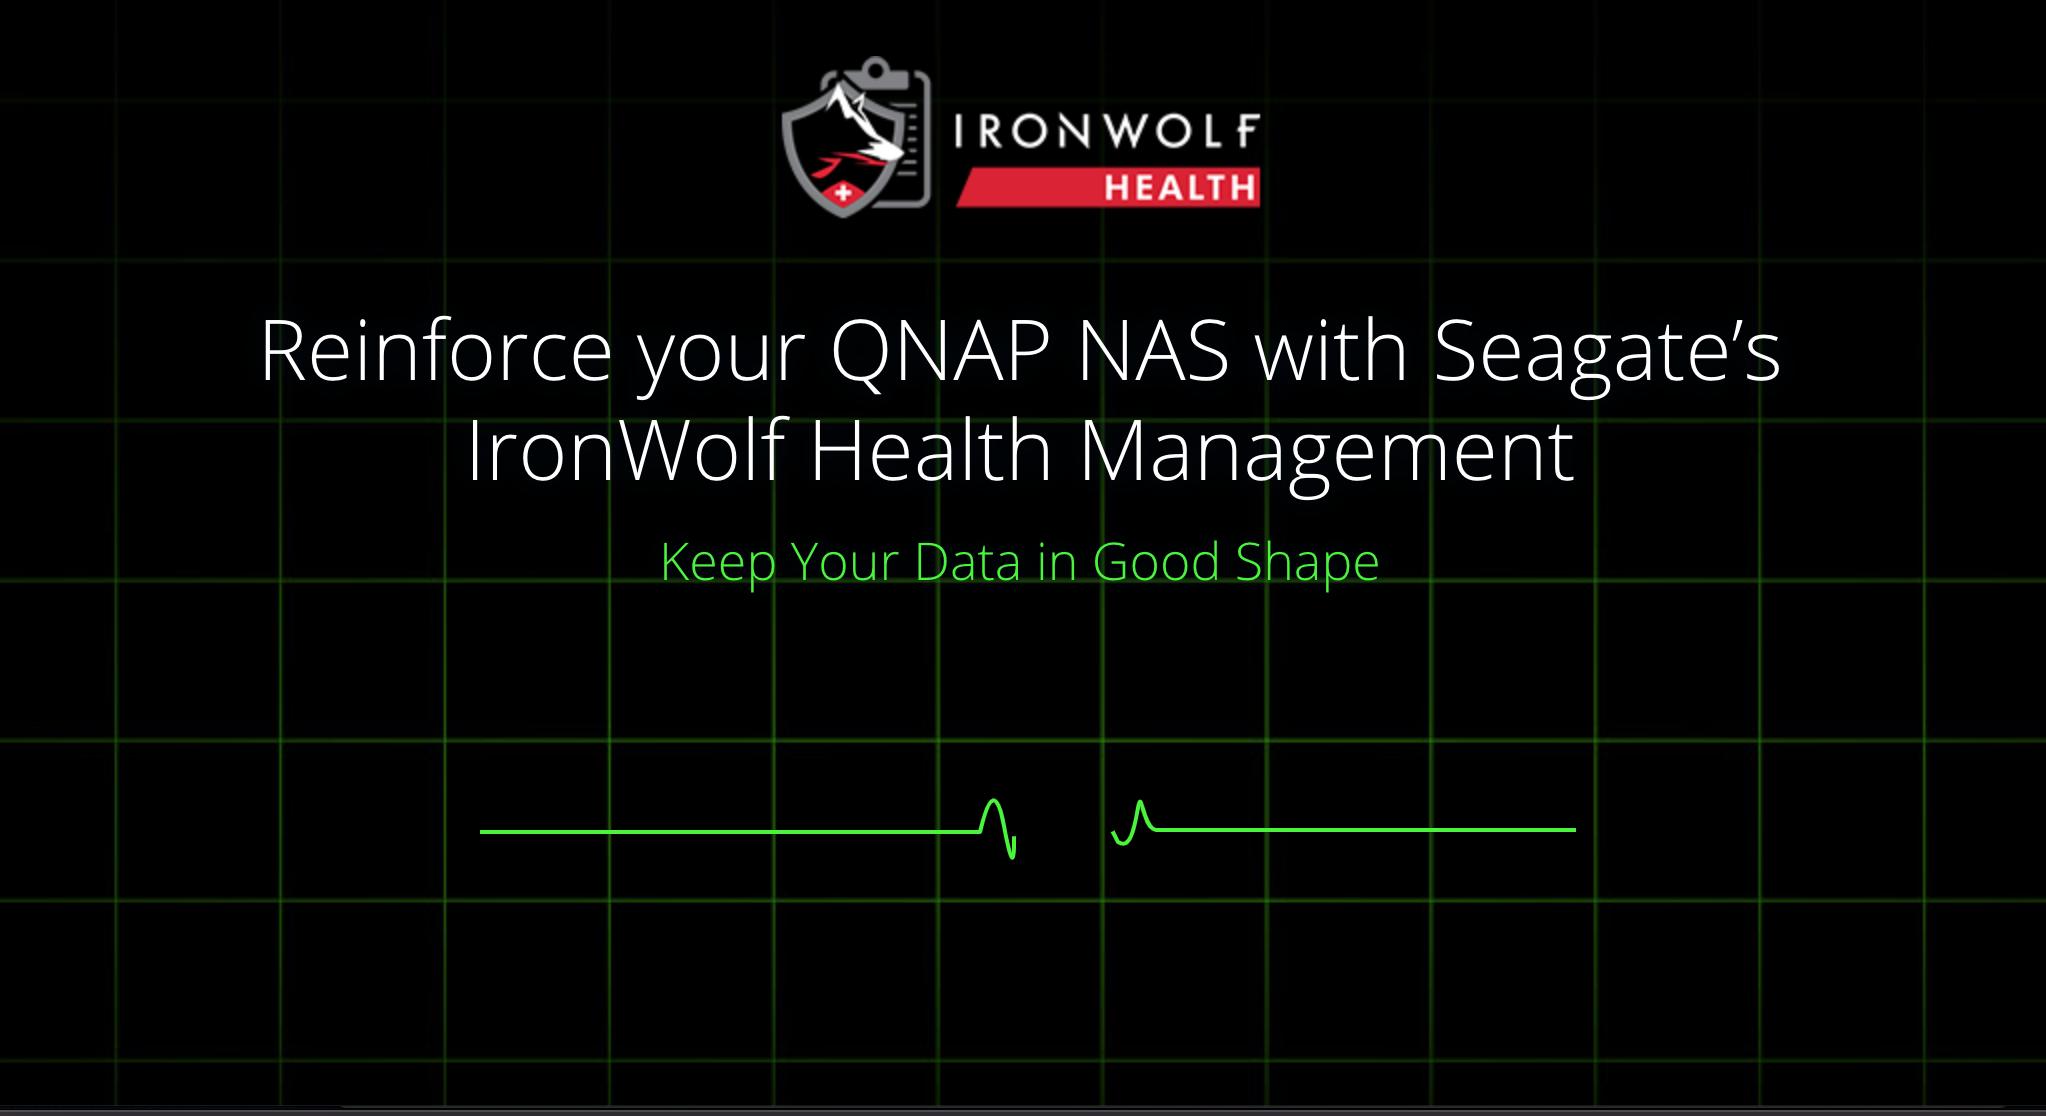 รักษาข้อมูลของคุณให้ดีเสมอด้วยฟีเจอร์ IronWolf Health Management บน QNAP NAS กับฮาร์ดดิสก์ Seagate 1